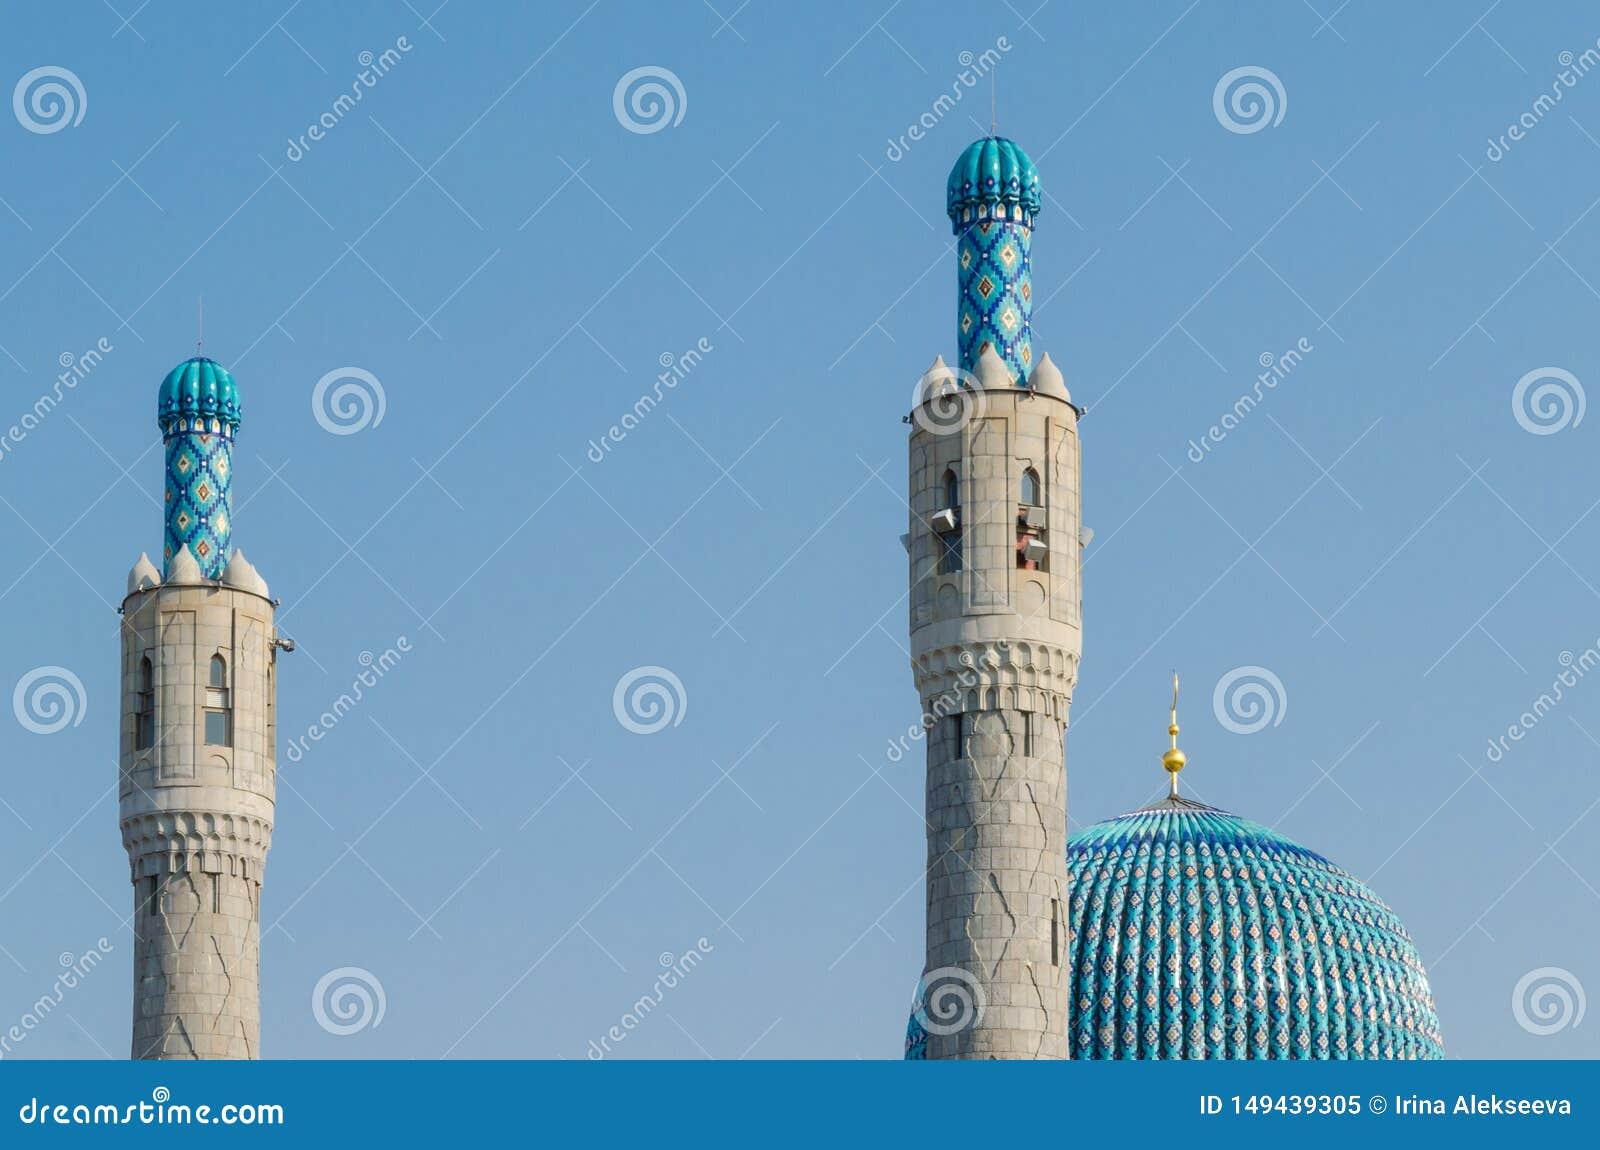 La b?veda y los alminares magn?ficos de la mezquita de la catedral contra el cielo azul Fondo de Ramadan Kareem